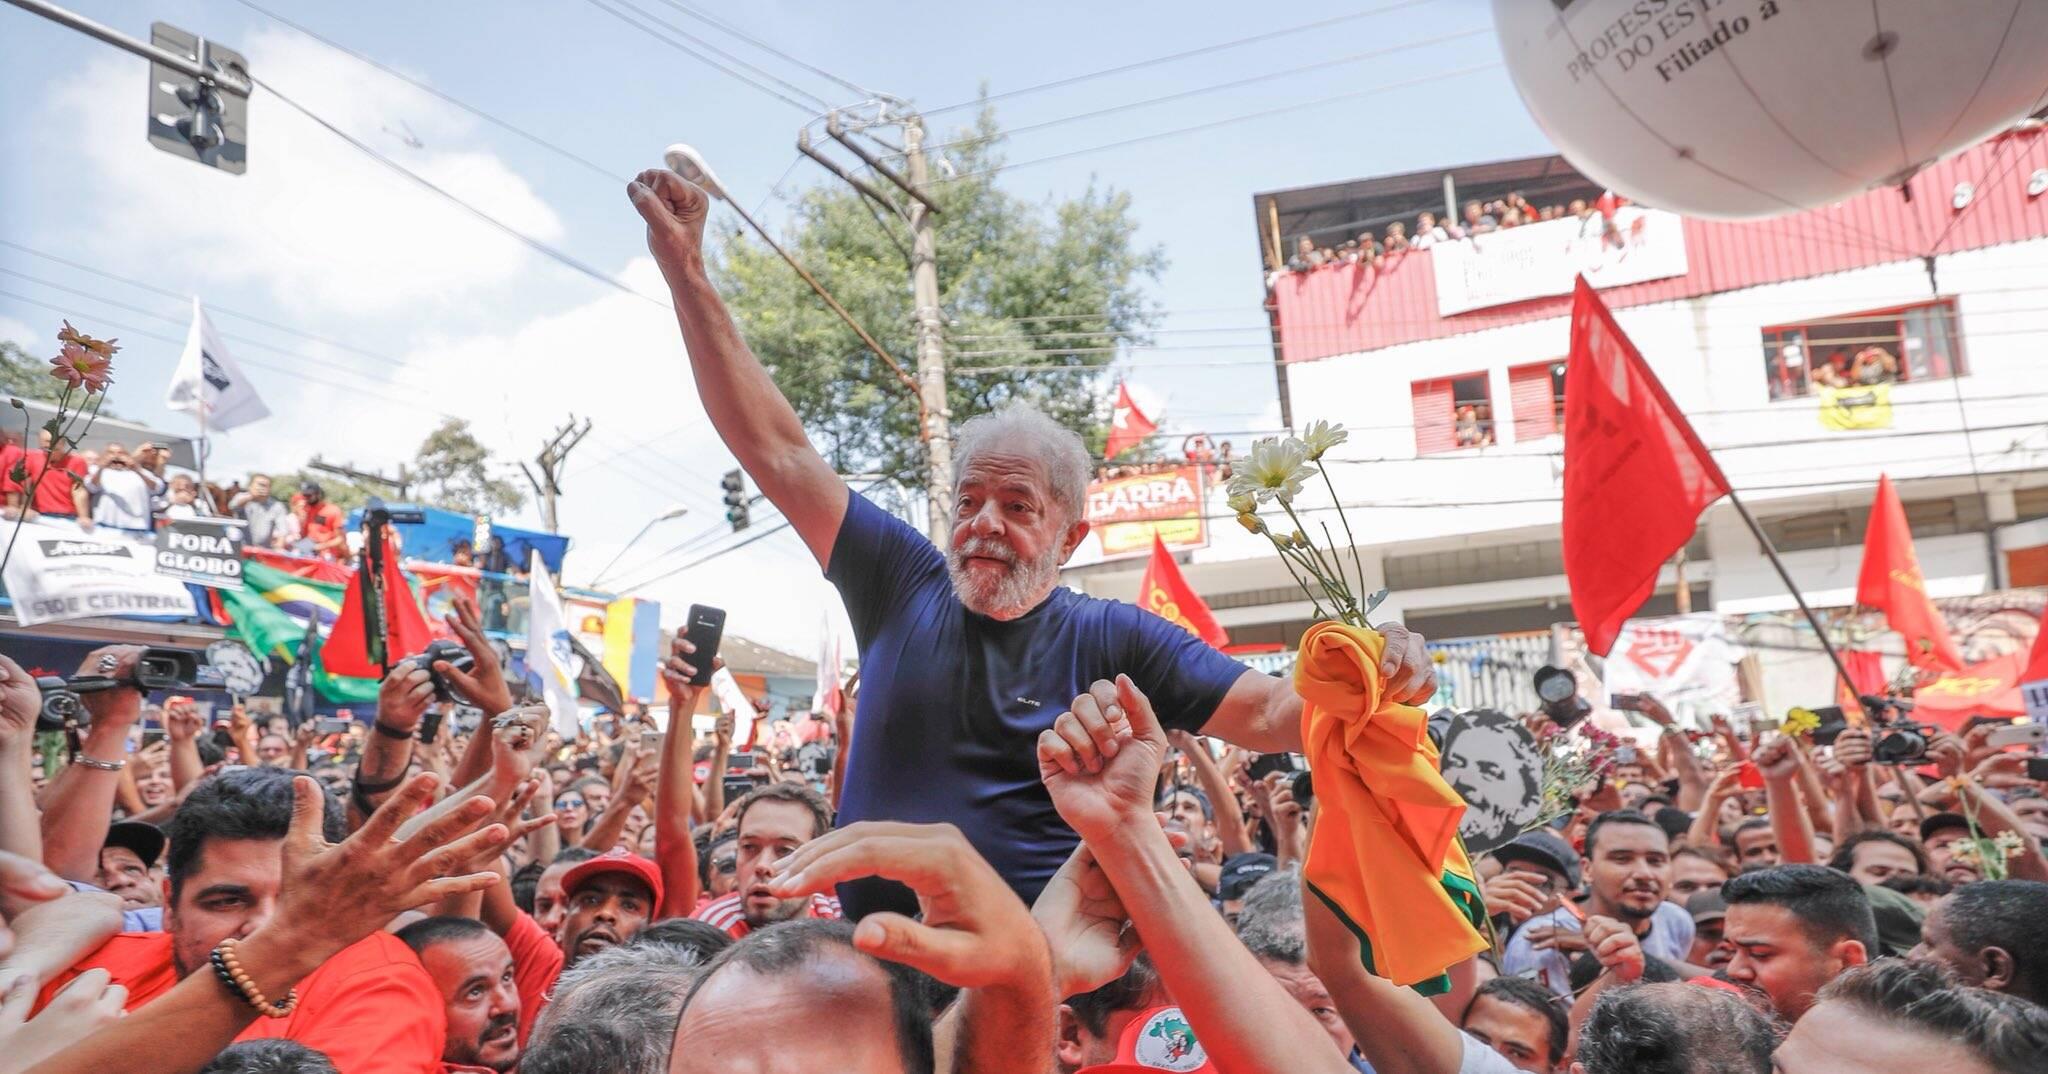 Retrospectiva 2018: Após o discurso, Lula foi carregado nos ombros em meio à multidão do carro de som, onde discursou, até o prédio do Sindicato dos Metalúrgicos onde permaneceu mais algumas horas antes da prisão. Foto: Ricardo Stuckert